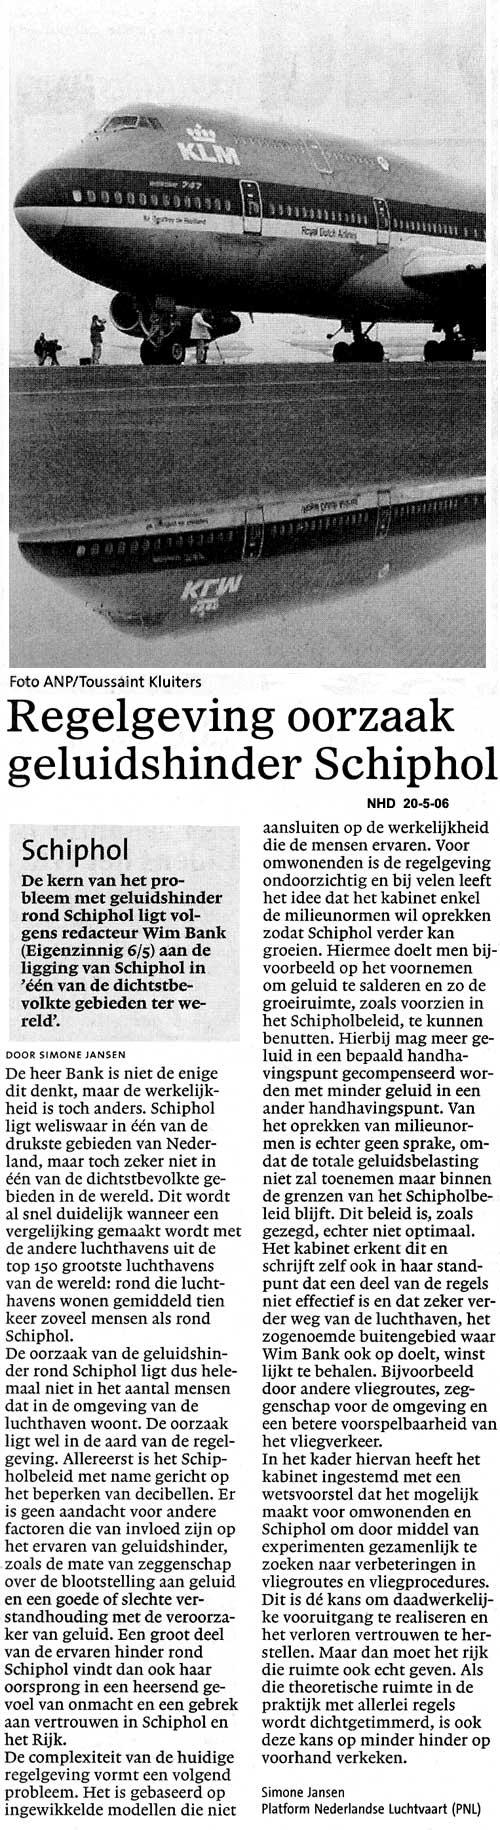 Regelgeving oorzaak geluidshinder Schiphol